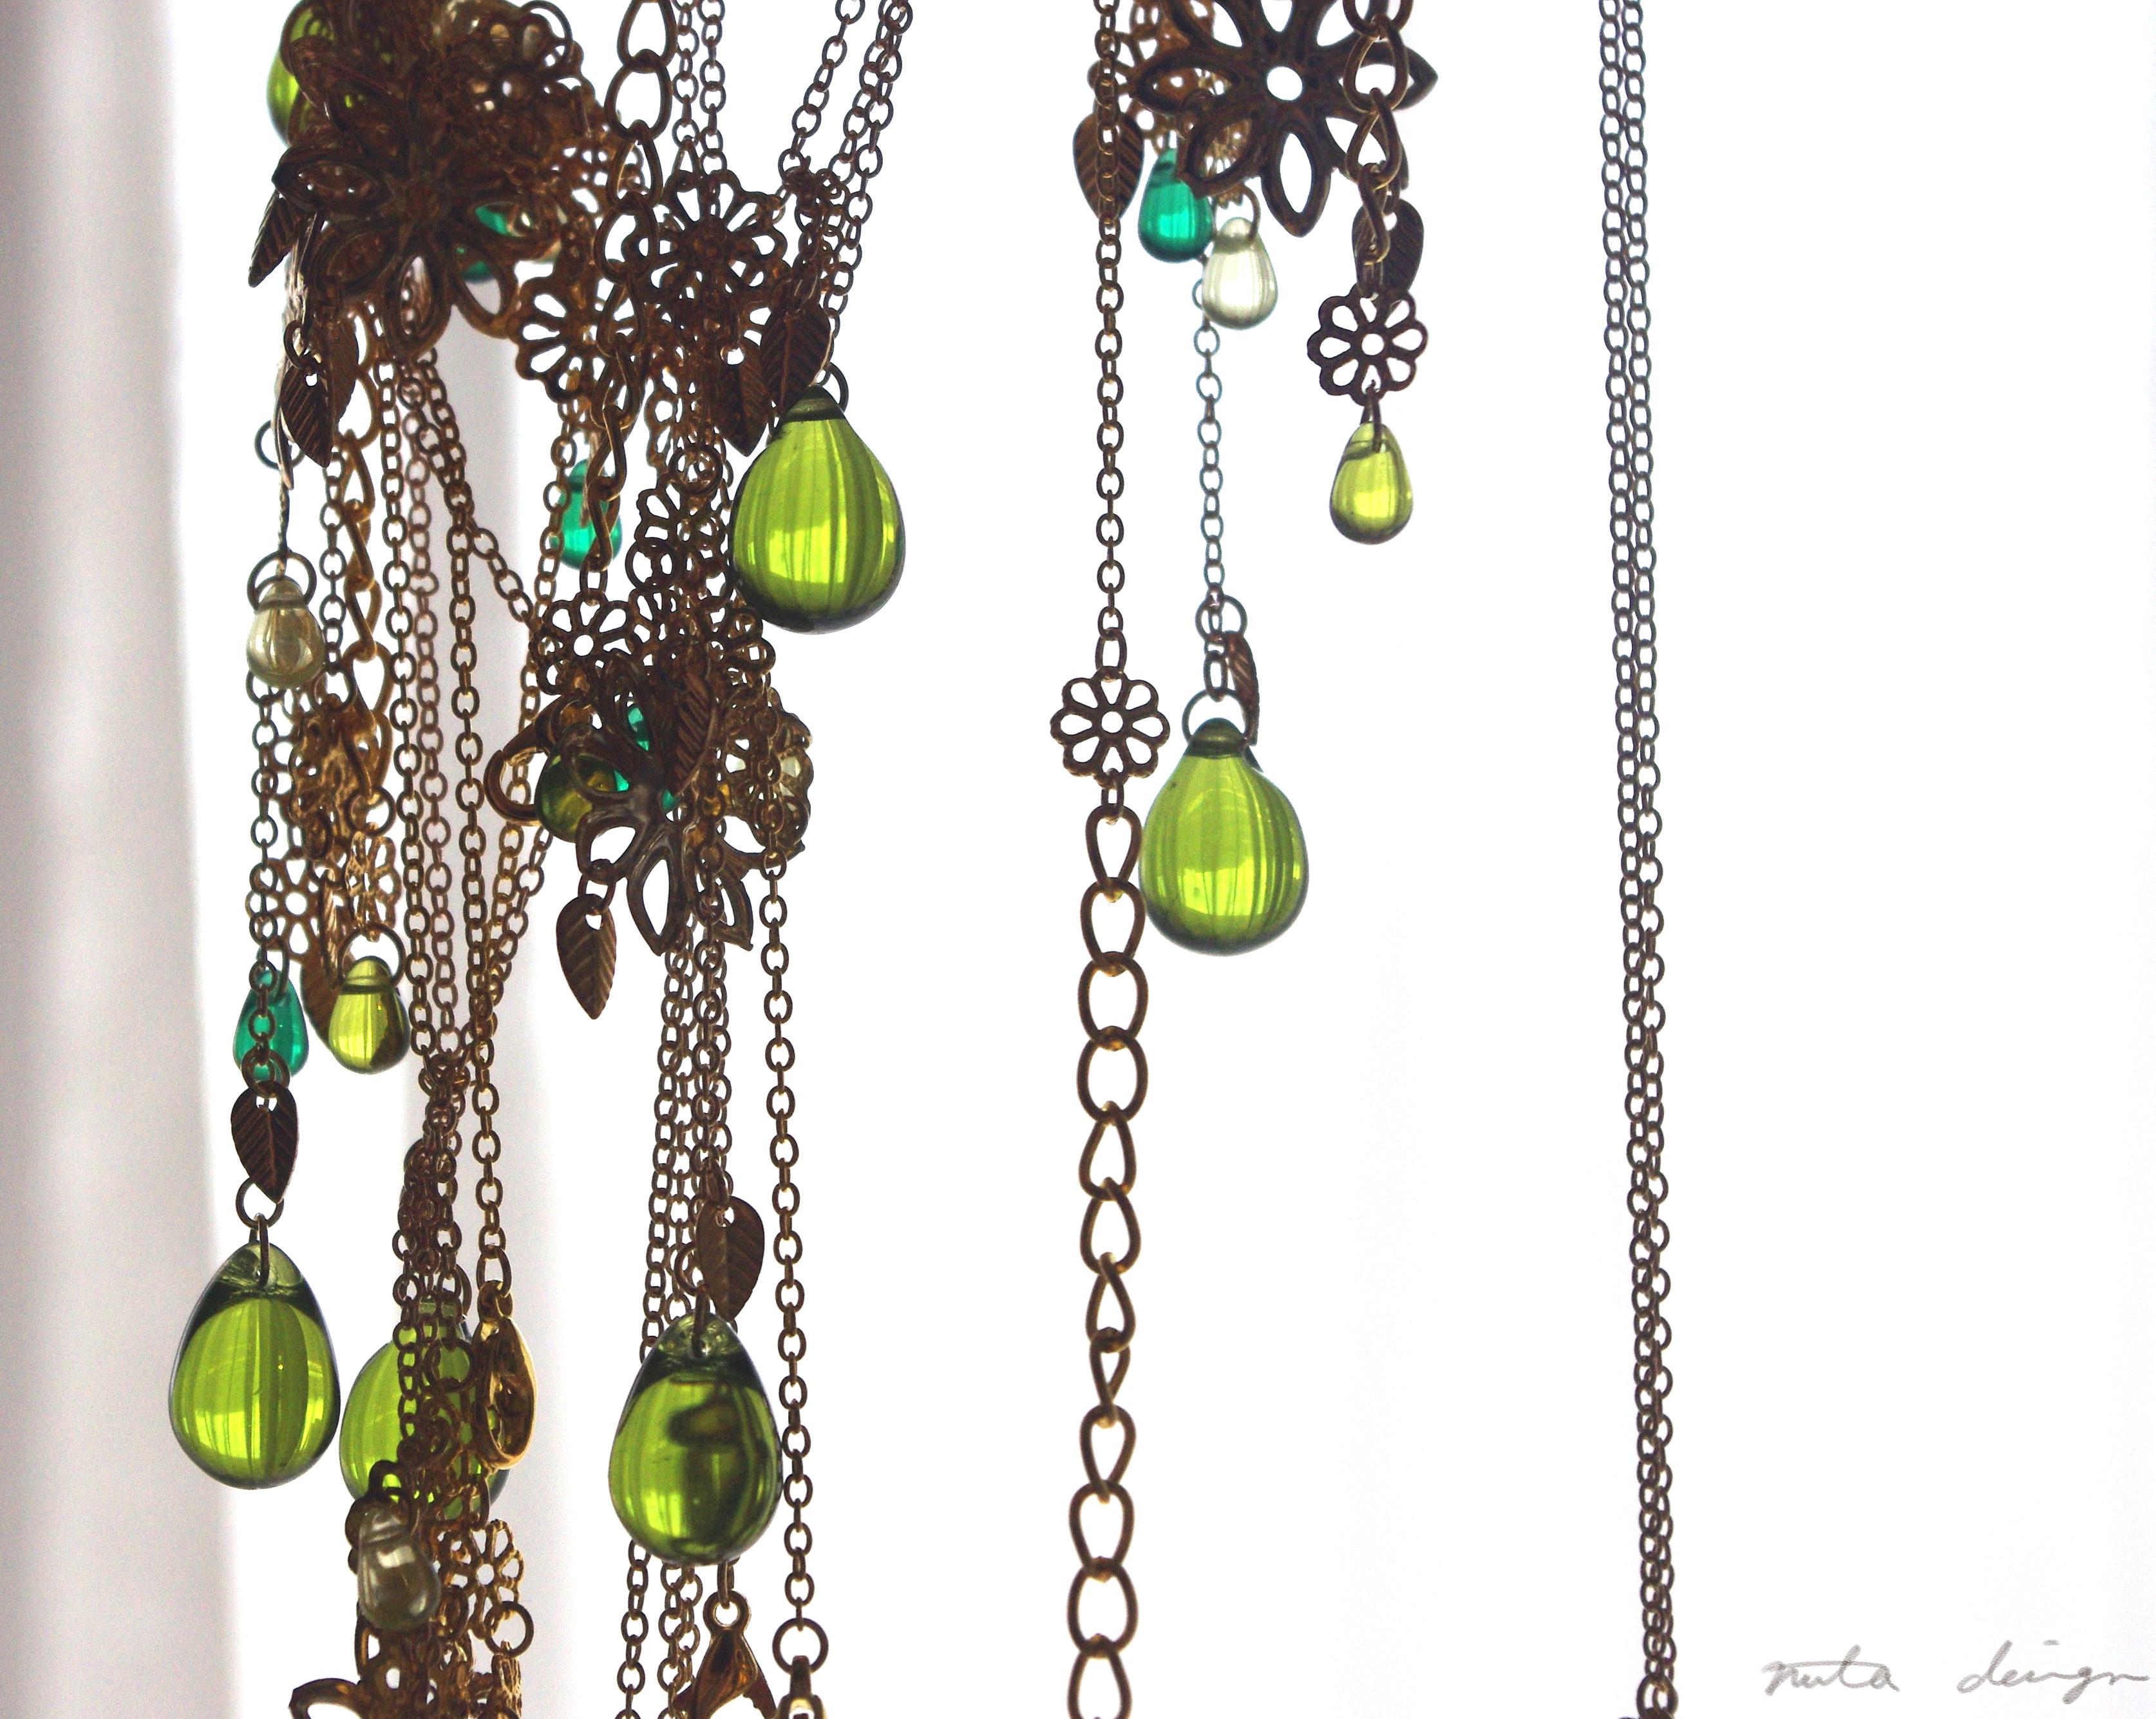 ネックレス「翠陰の憩」